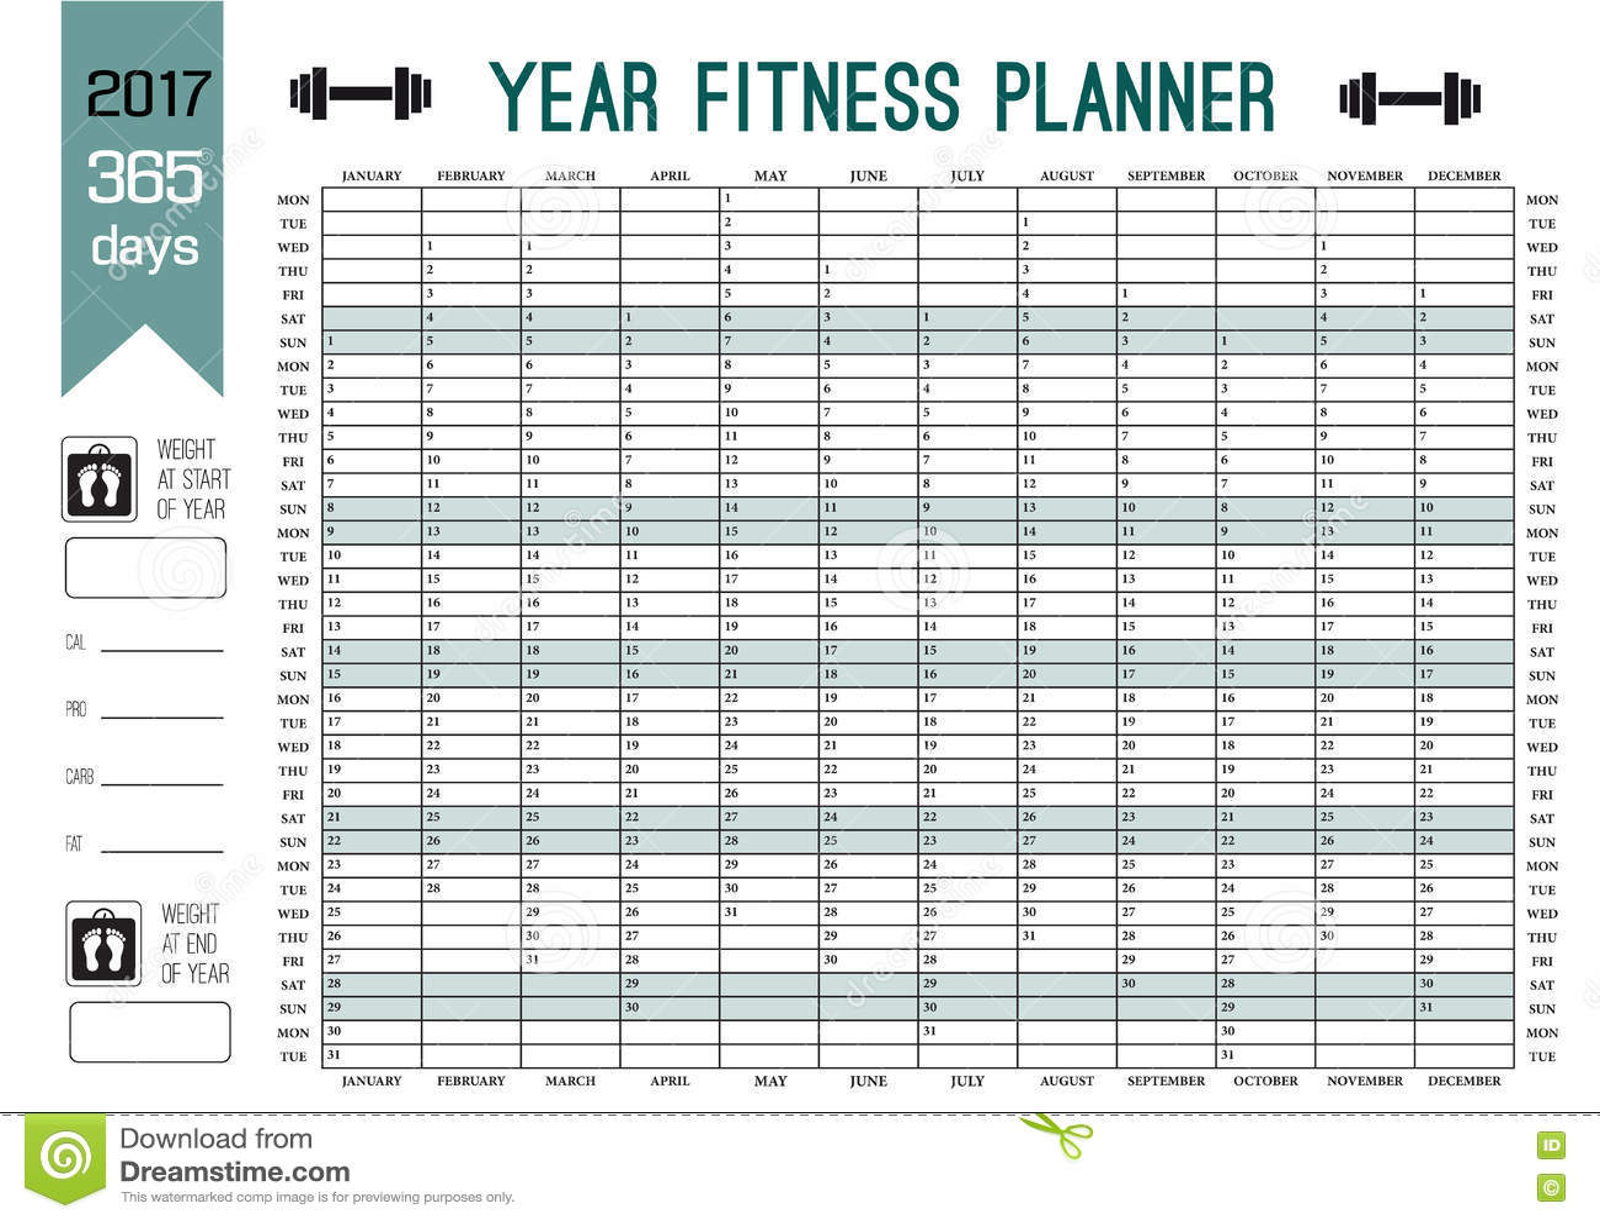 Plantilla del planificador de la pared del año Planee hacia fuera su aptitud entera con este calendario Diseño del vector para el